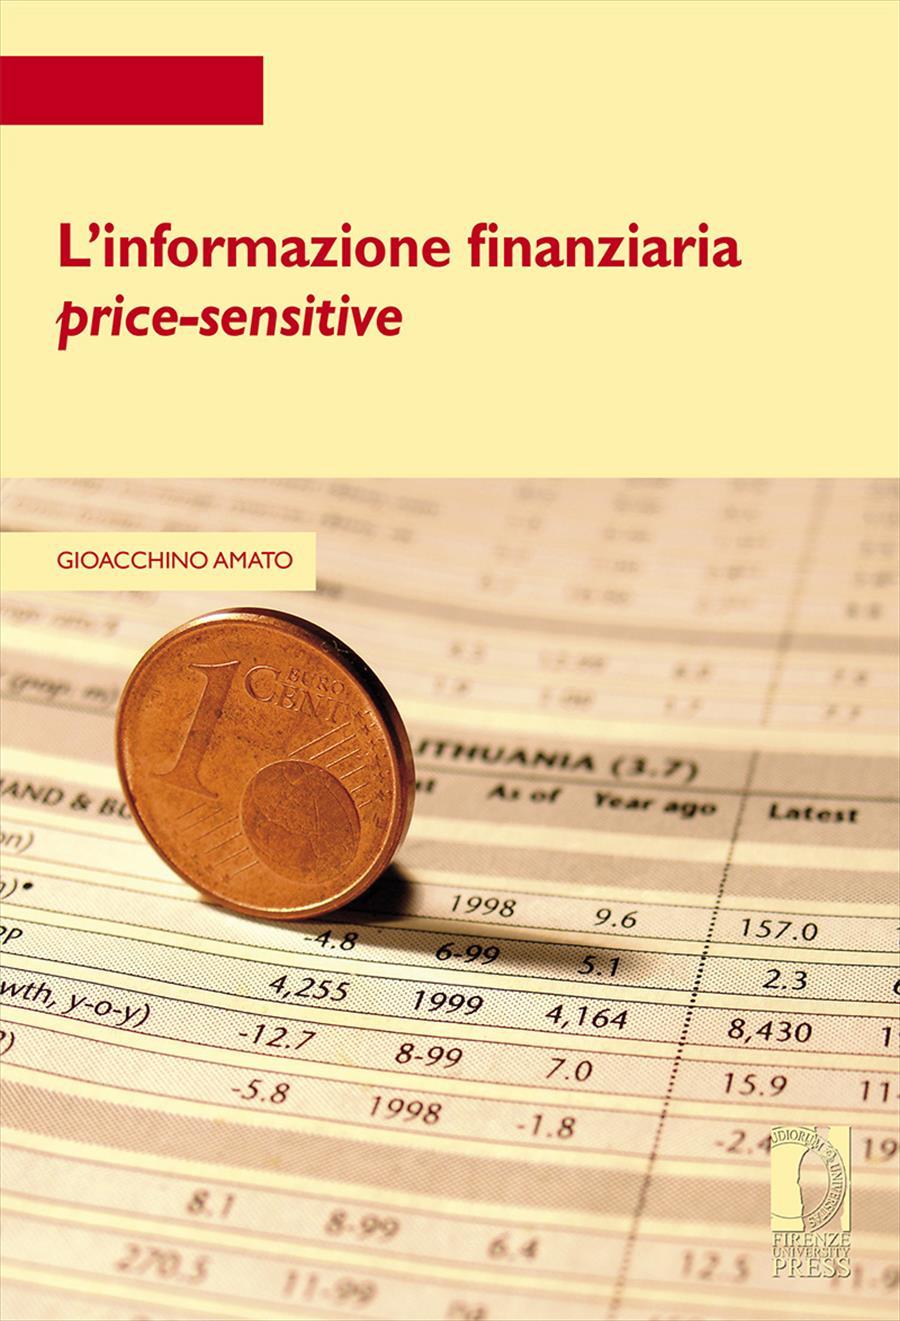 L'informazione finanziaria <i>price-sensitive</i>